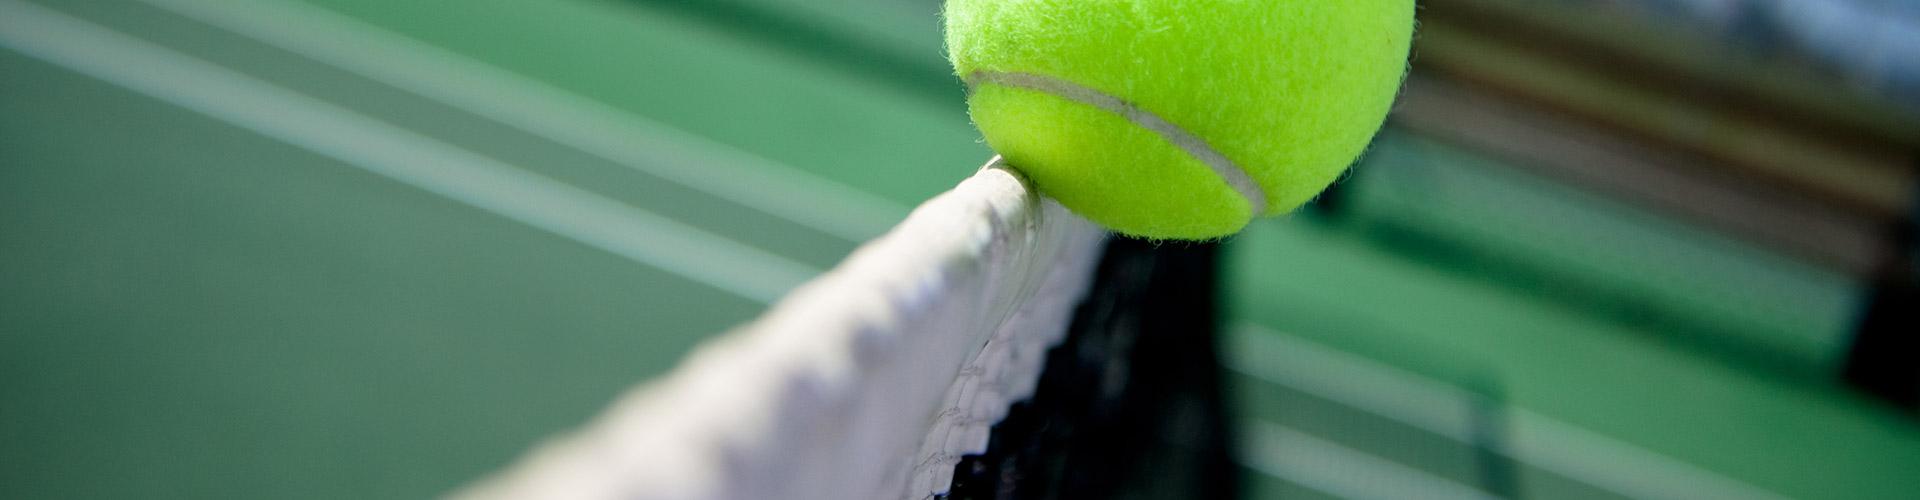 Tennisregels